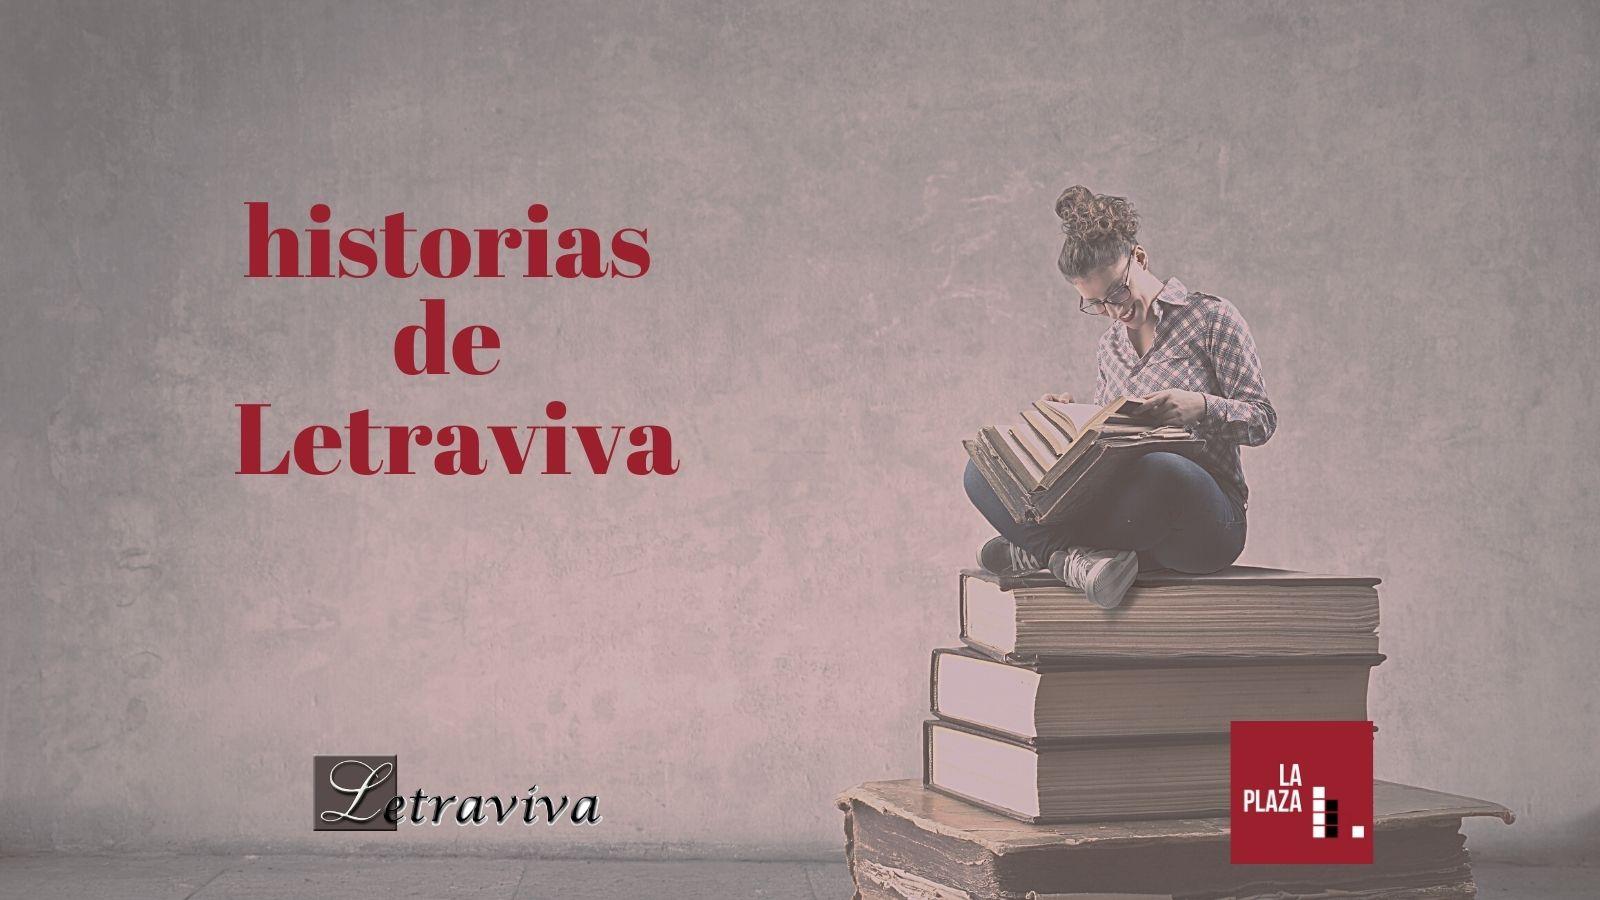 http://www.espanaaqui.com.br/pdf/fevereiro%202021/priorit%c3%a1rios%20definitivo.%20%20historias%20de%20letraviva.jpg